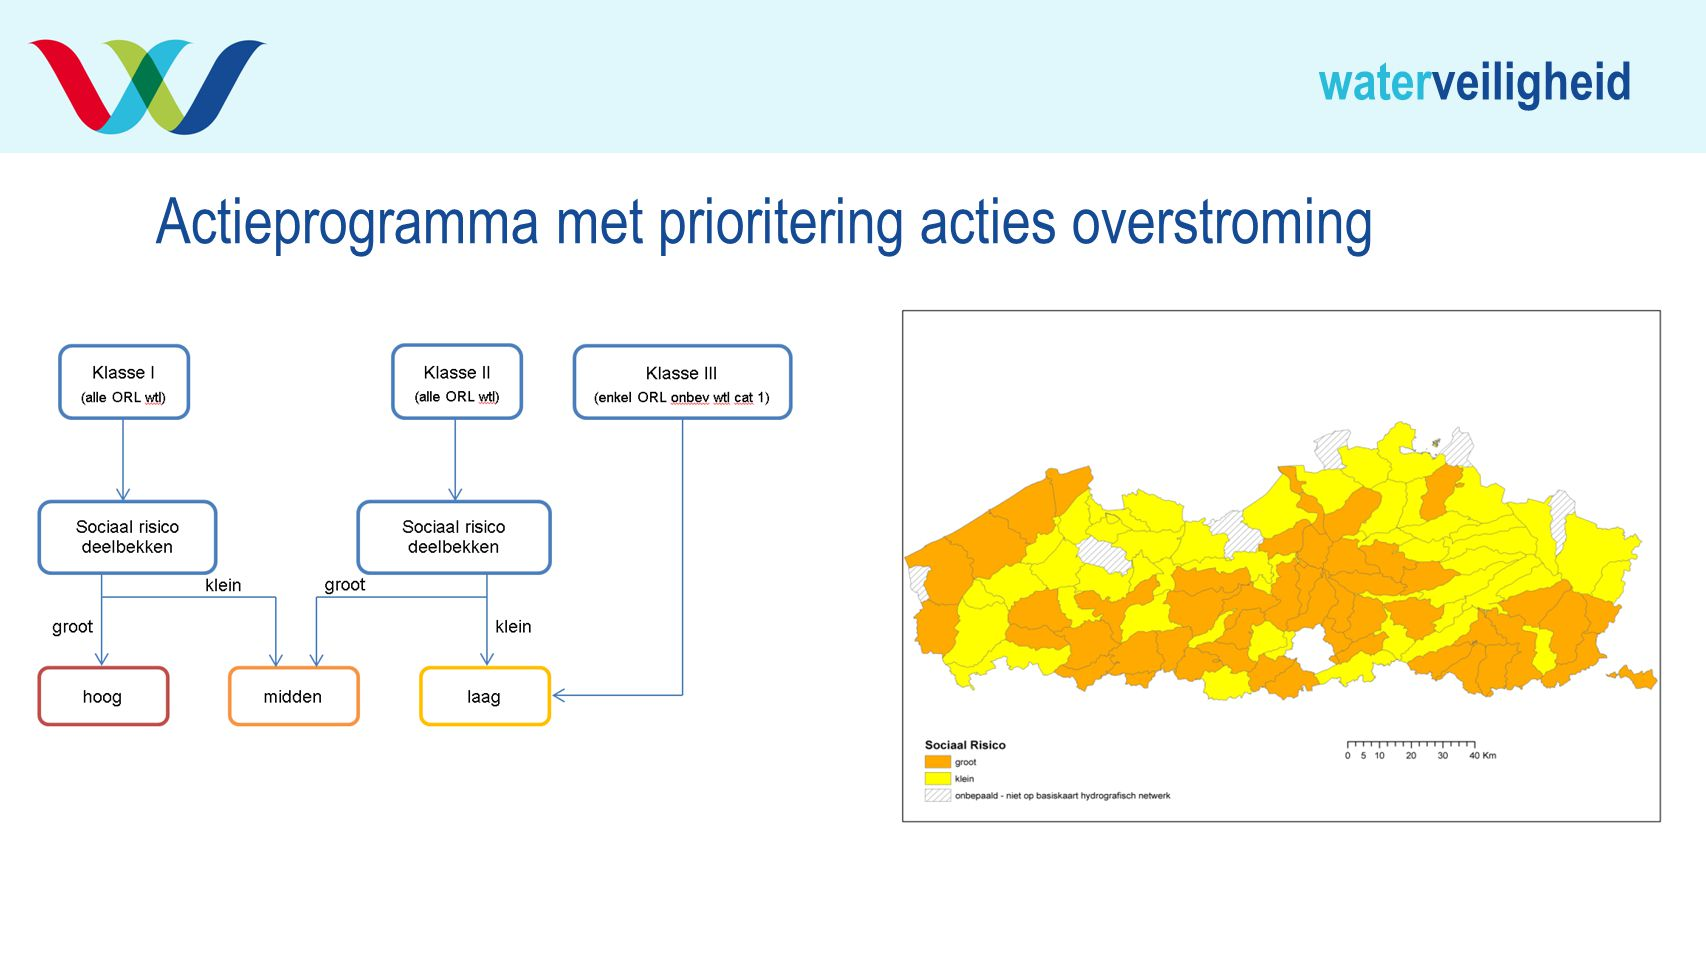 Actieprogramma met prioritering acties overstroming